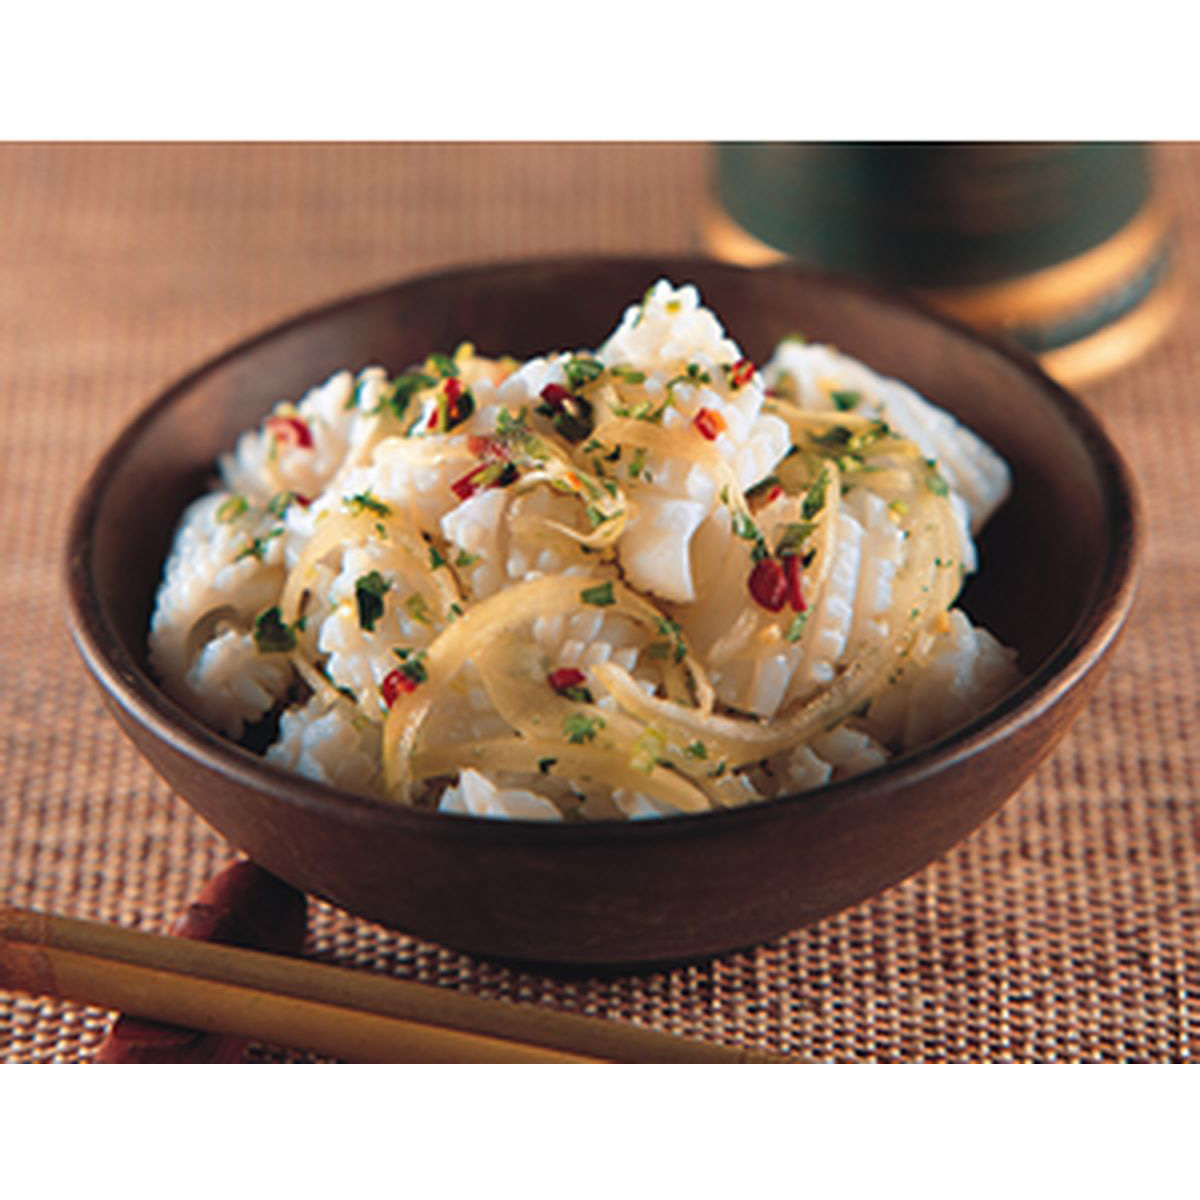 食譜:泰式涼拌花枝